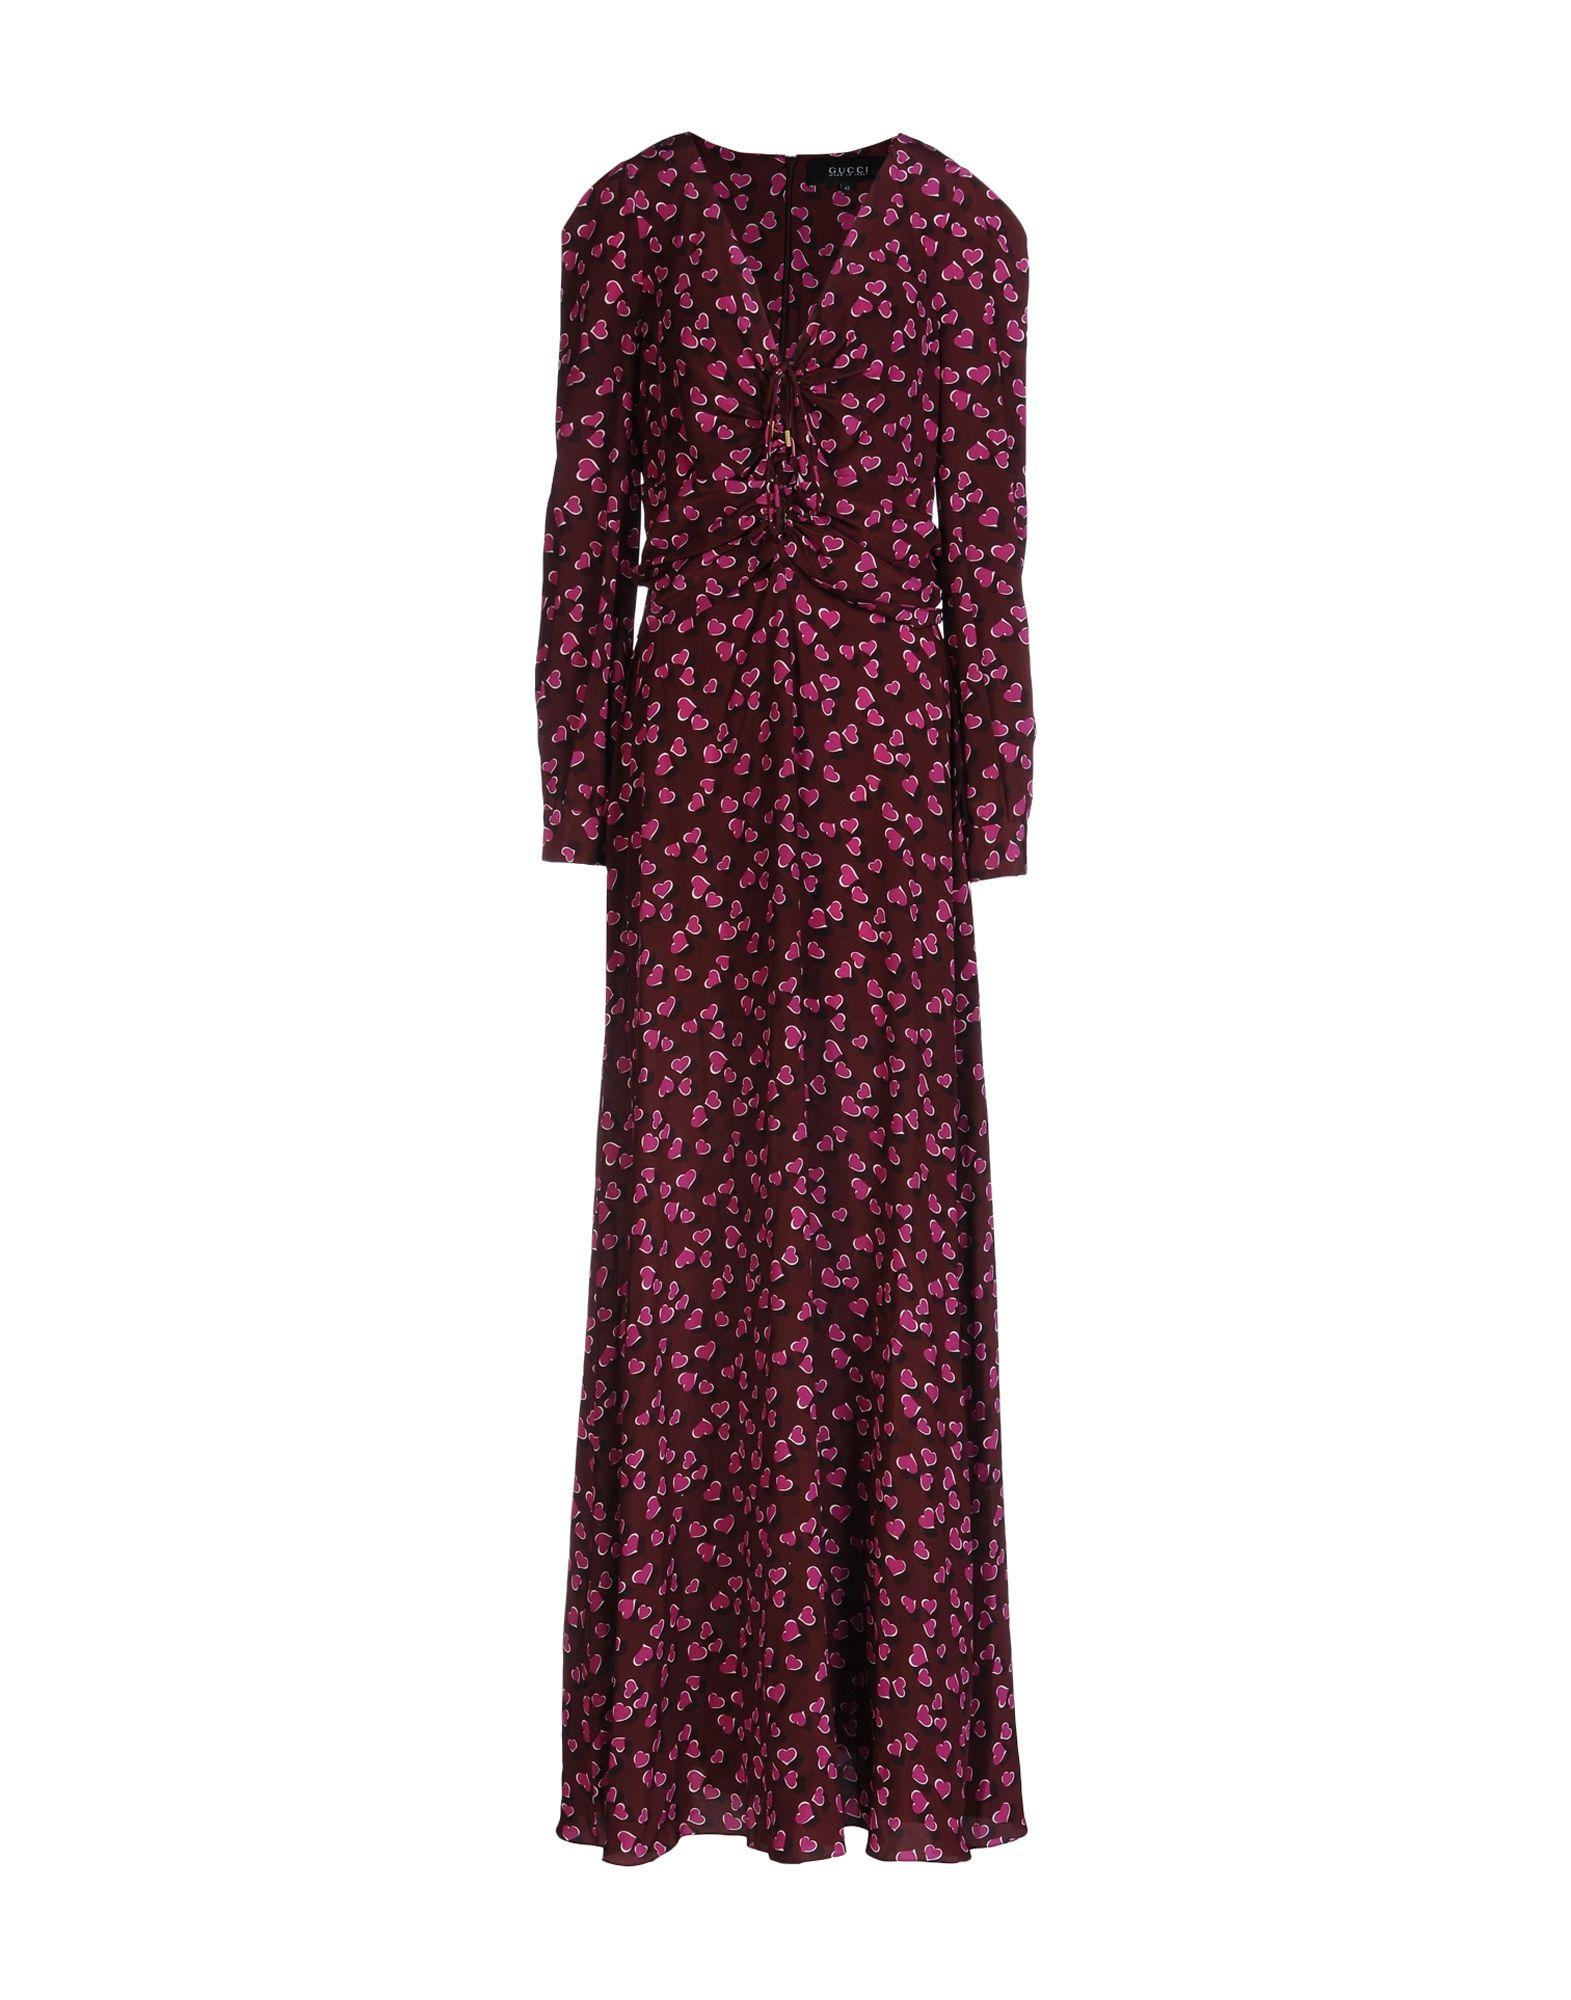 GUCCI Damen Langes Kleid Farbe Bordeaux Größe 4